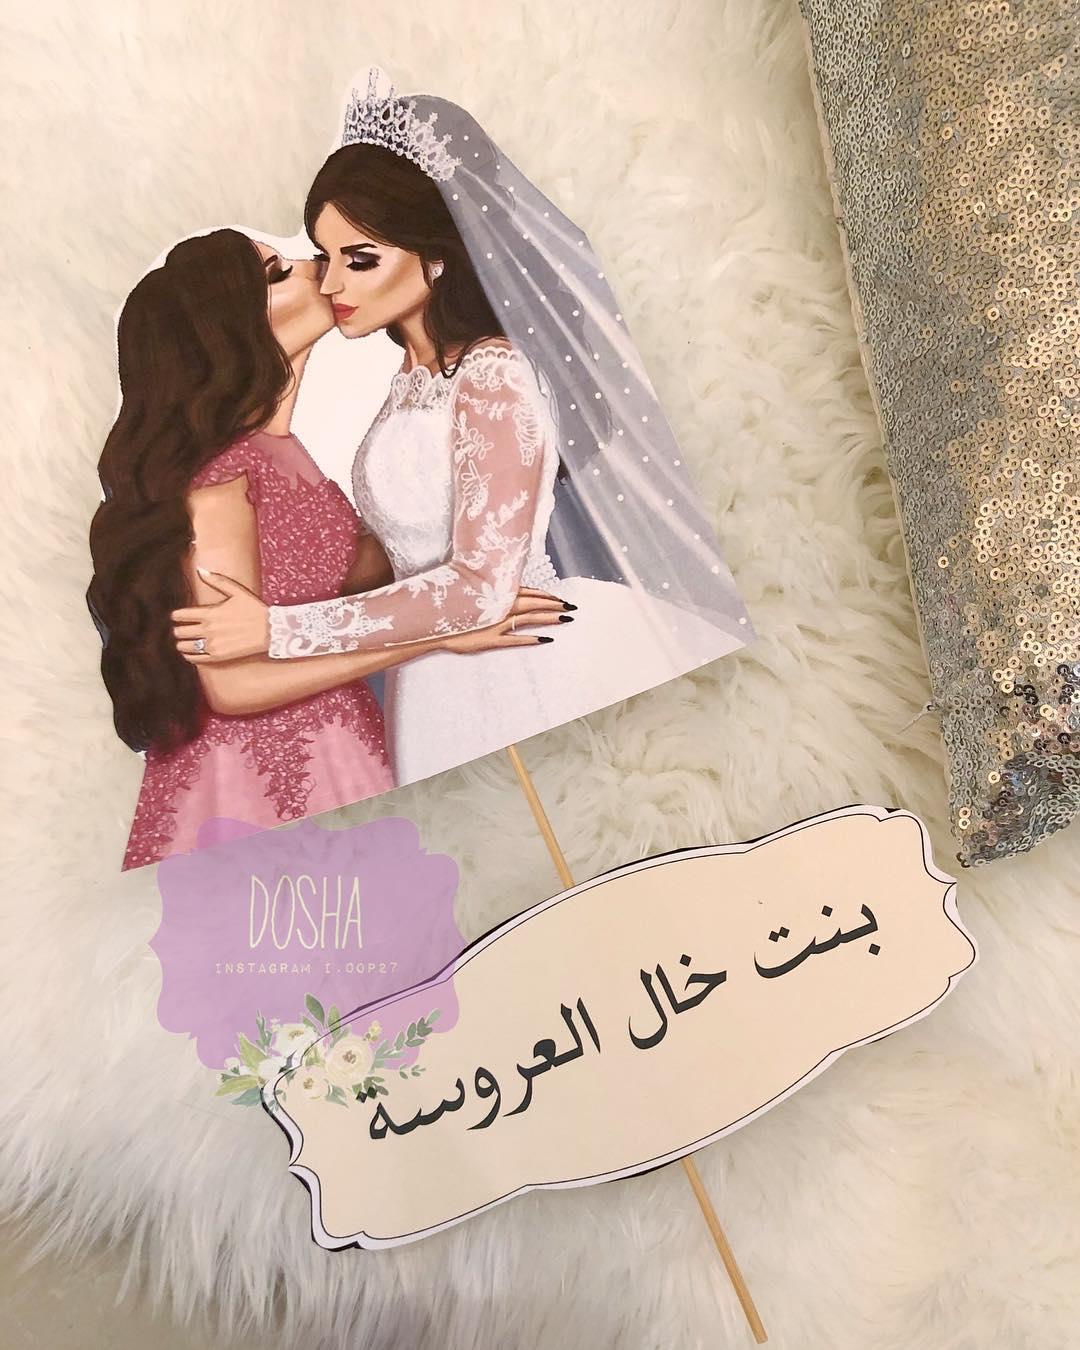 بالصور بنت خال العروسه , اجمل كلمات من العروسة لبنت خالها 12305 1